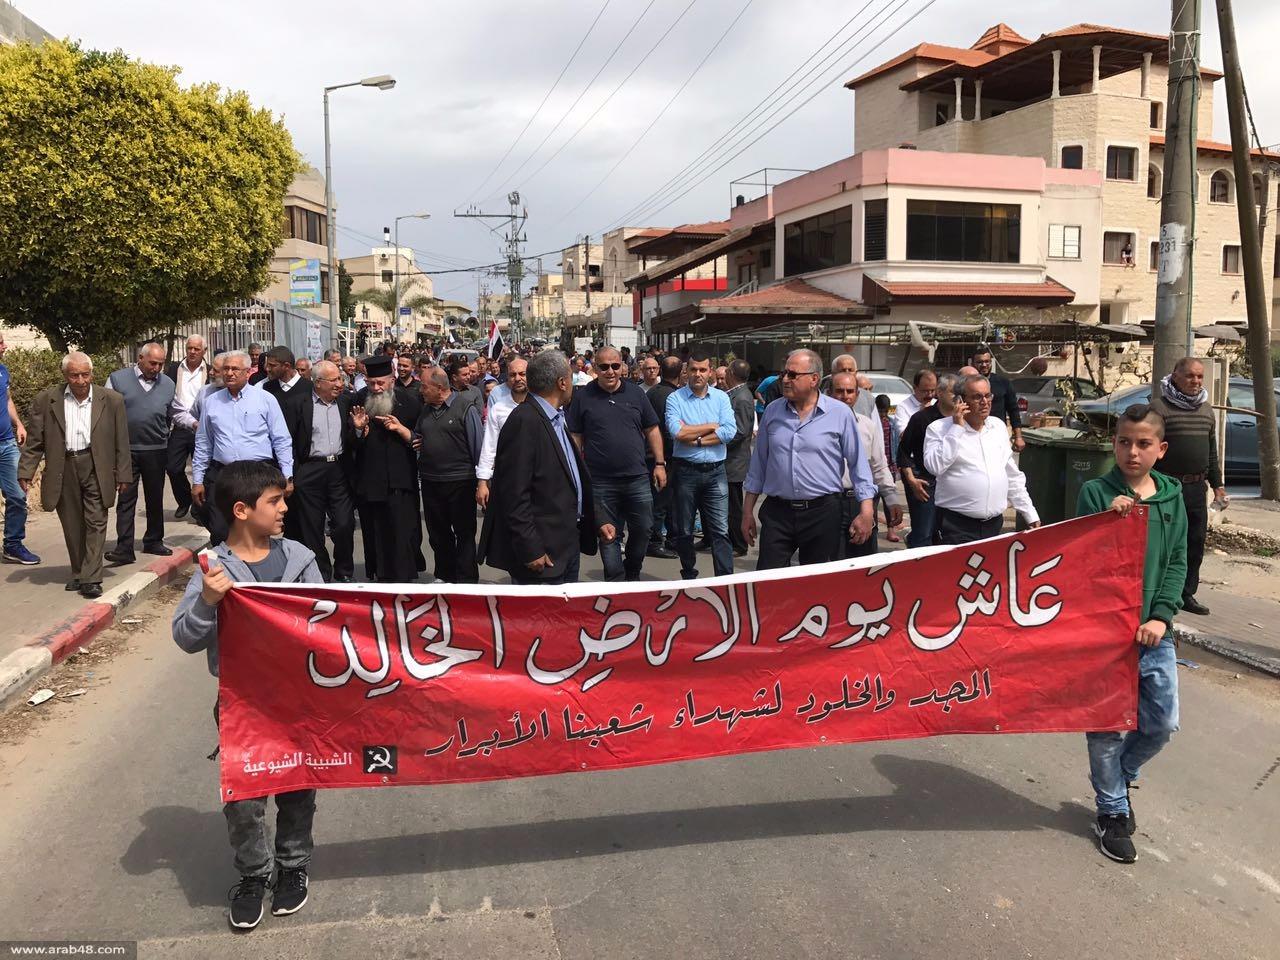 دير حنا: الآلاف في مسيرة ومهرجان يوم الأرض